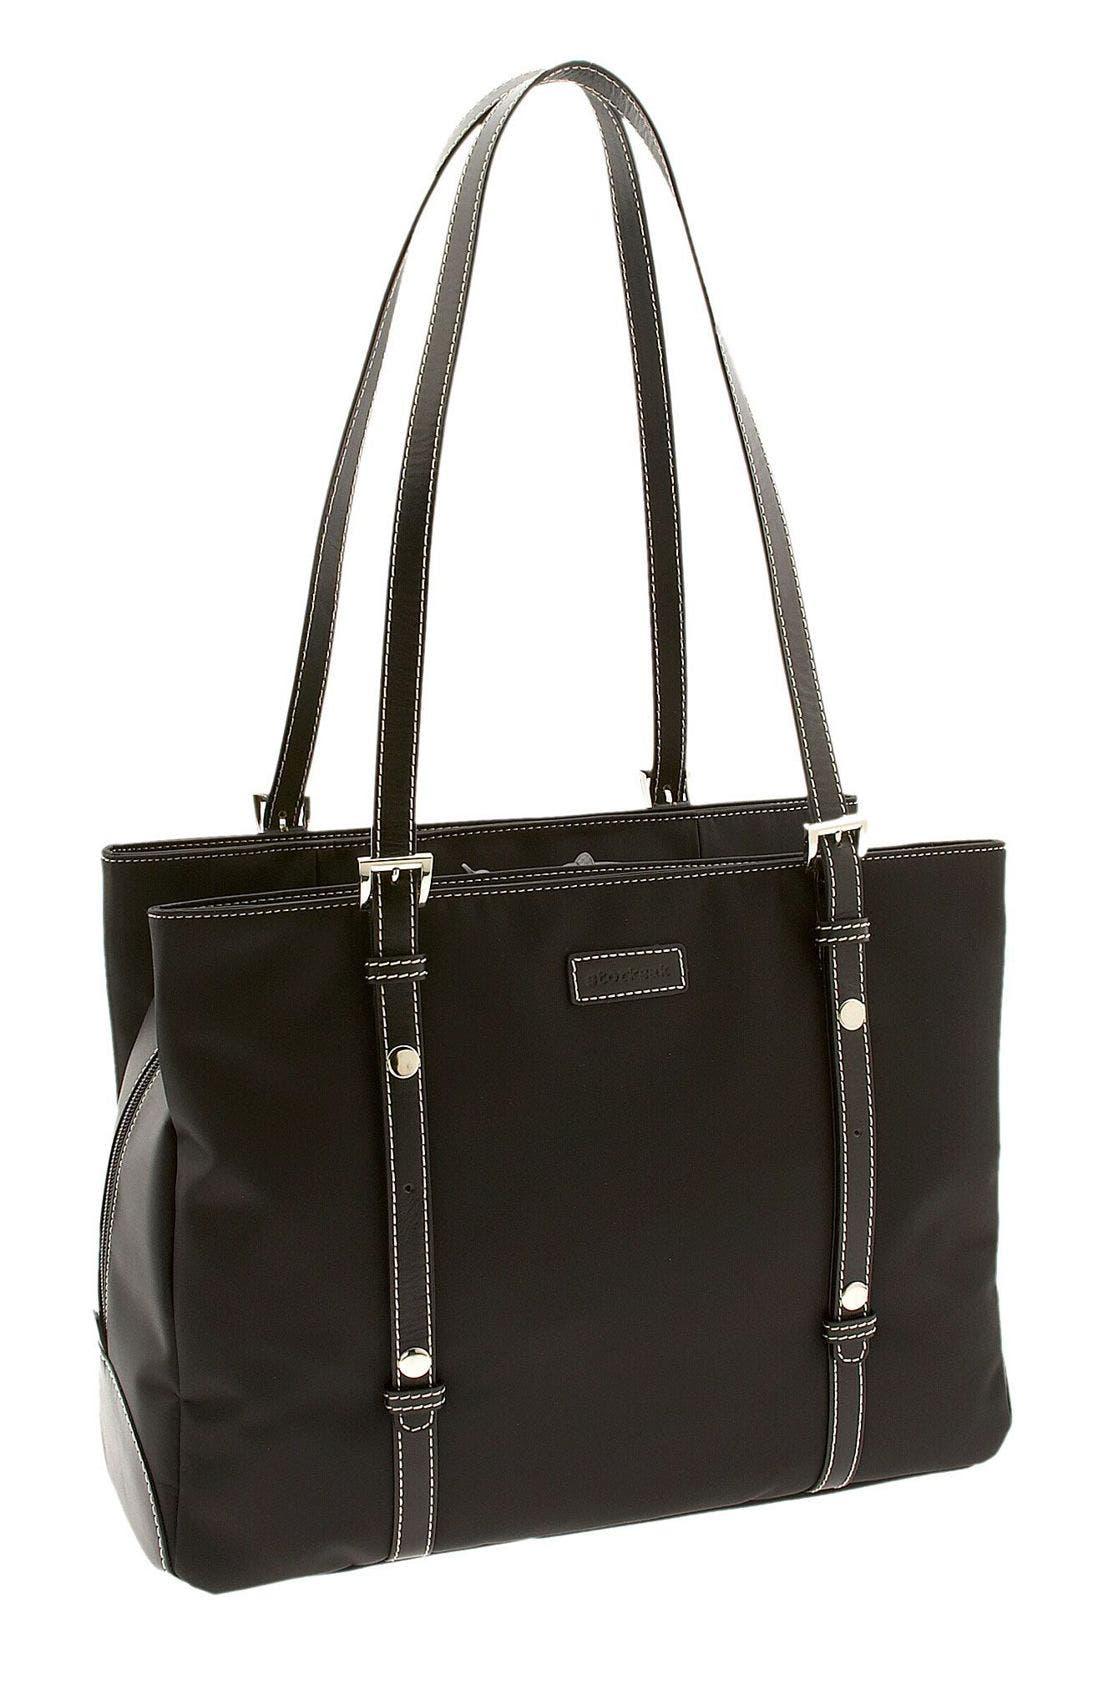 Main Image - Storksak 'Gigi' Diaper Bag